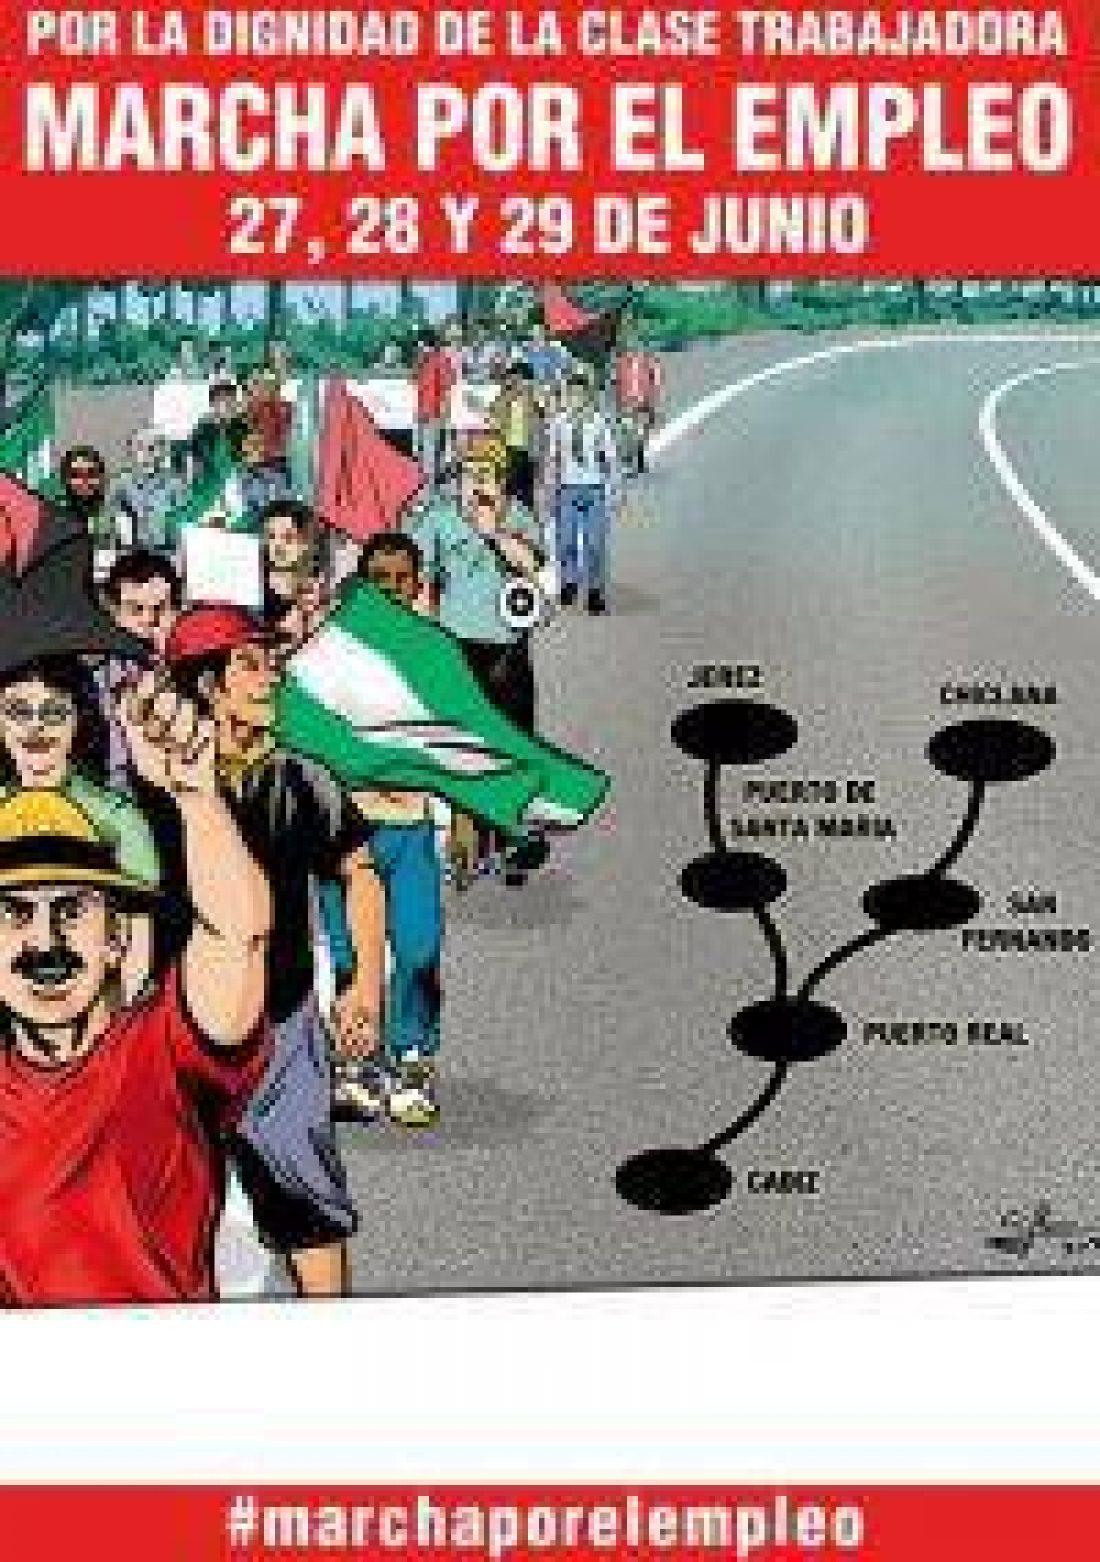 Marcha por el empleo y por la dignidad de la clase trabajadora en la bahía de Cádiz